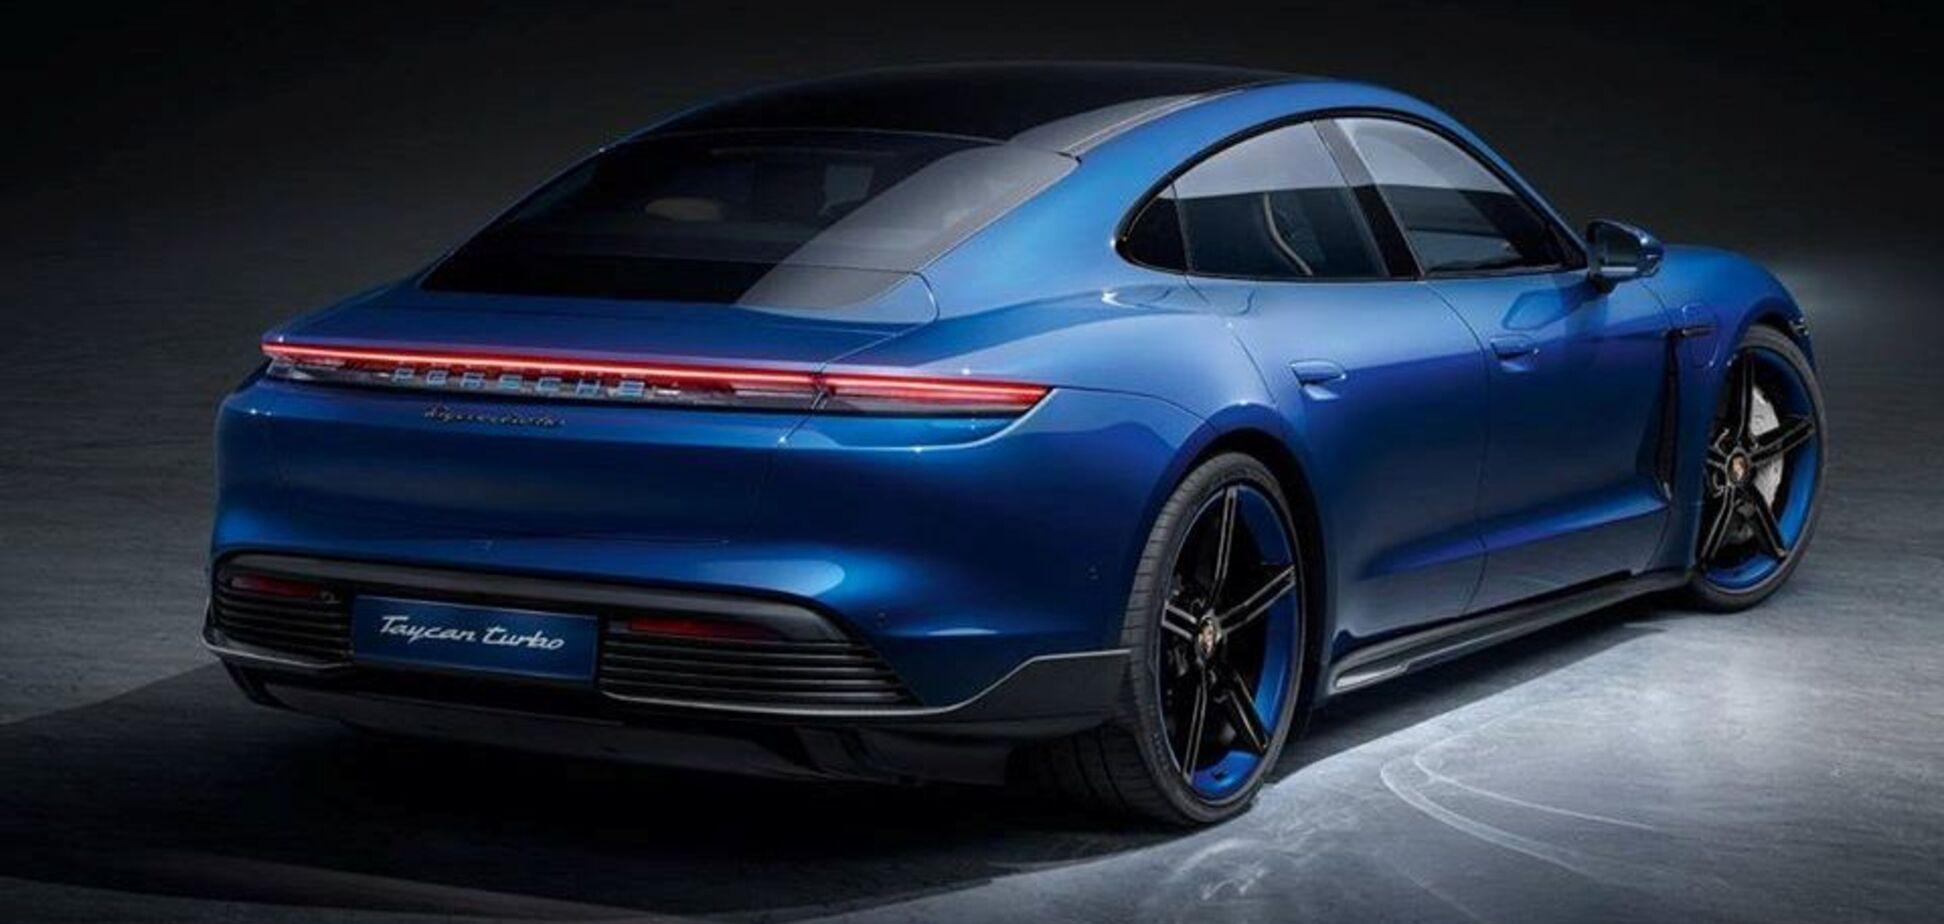 В Германии показали дизайнерскую версию Porsche Taycan с карбоновым обвесом